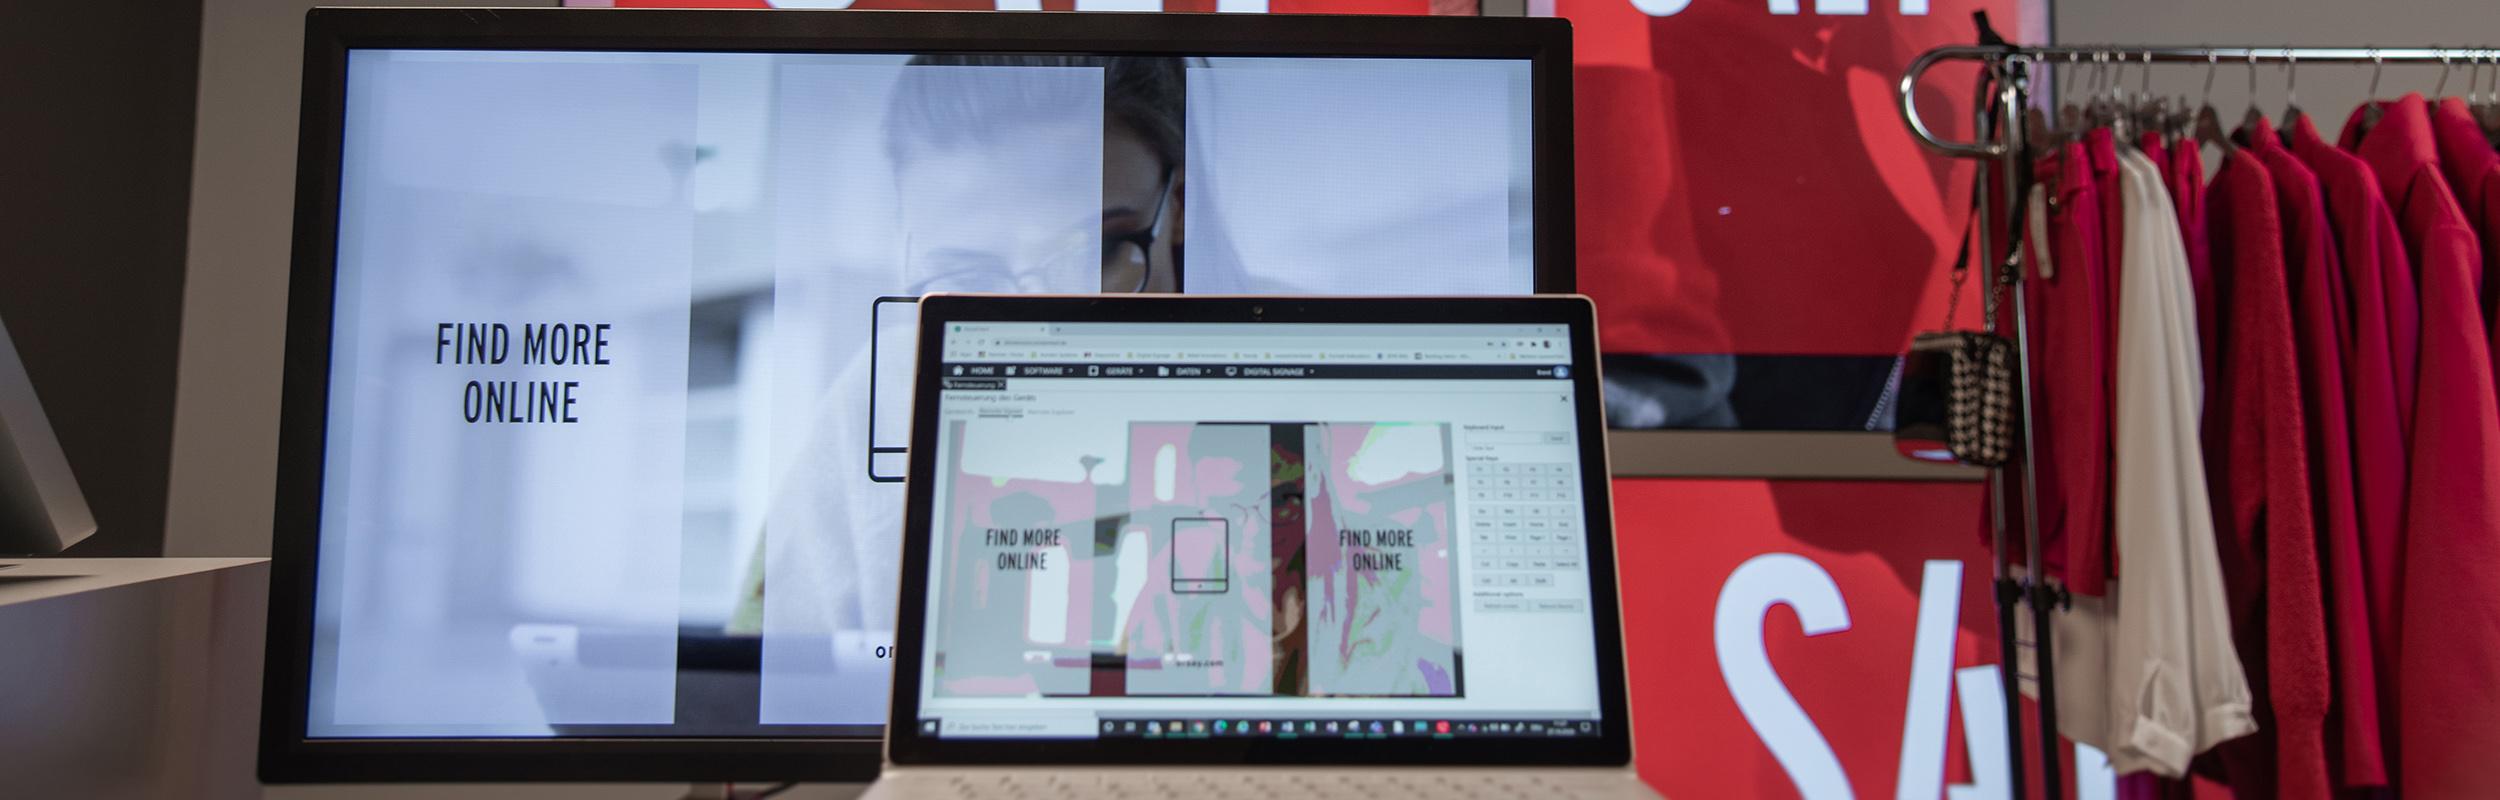 Fernsteuerung vom soviaRetail Backstore auf einen Digital Signage Screen